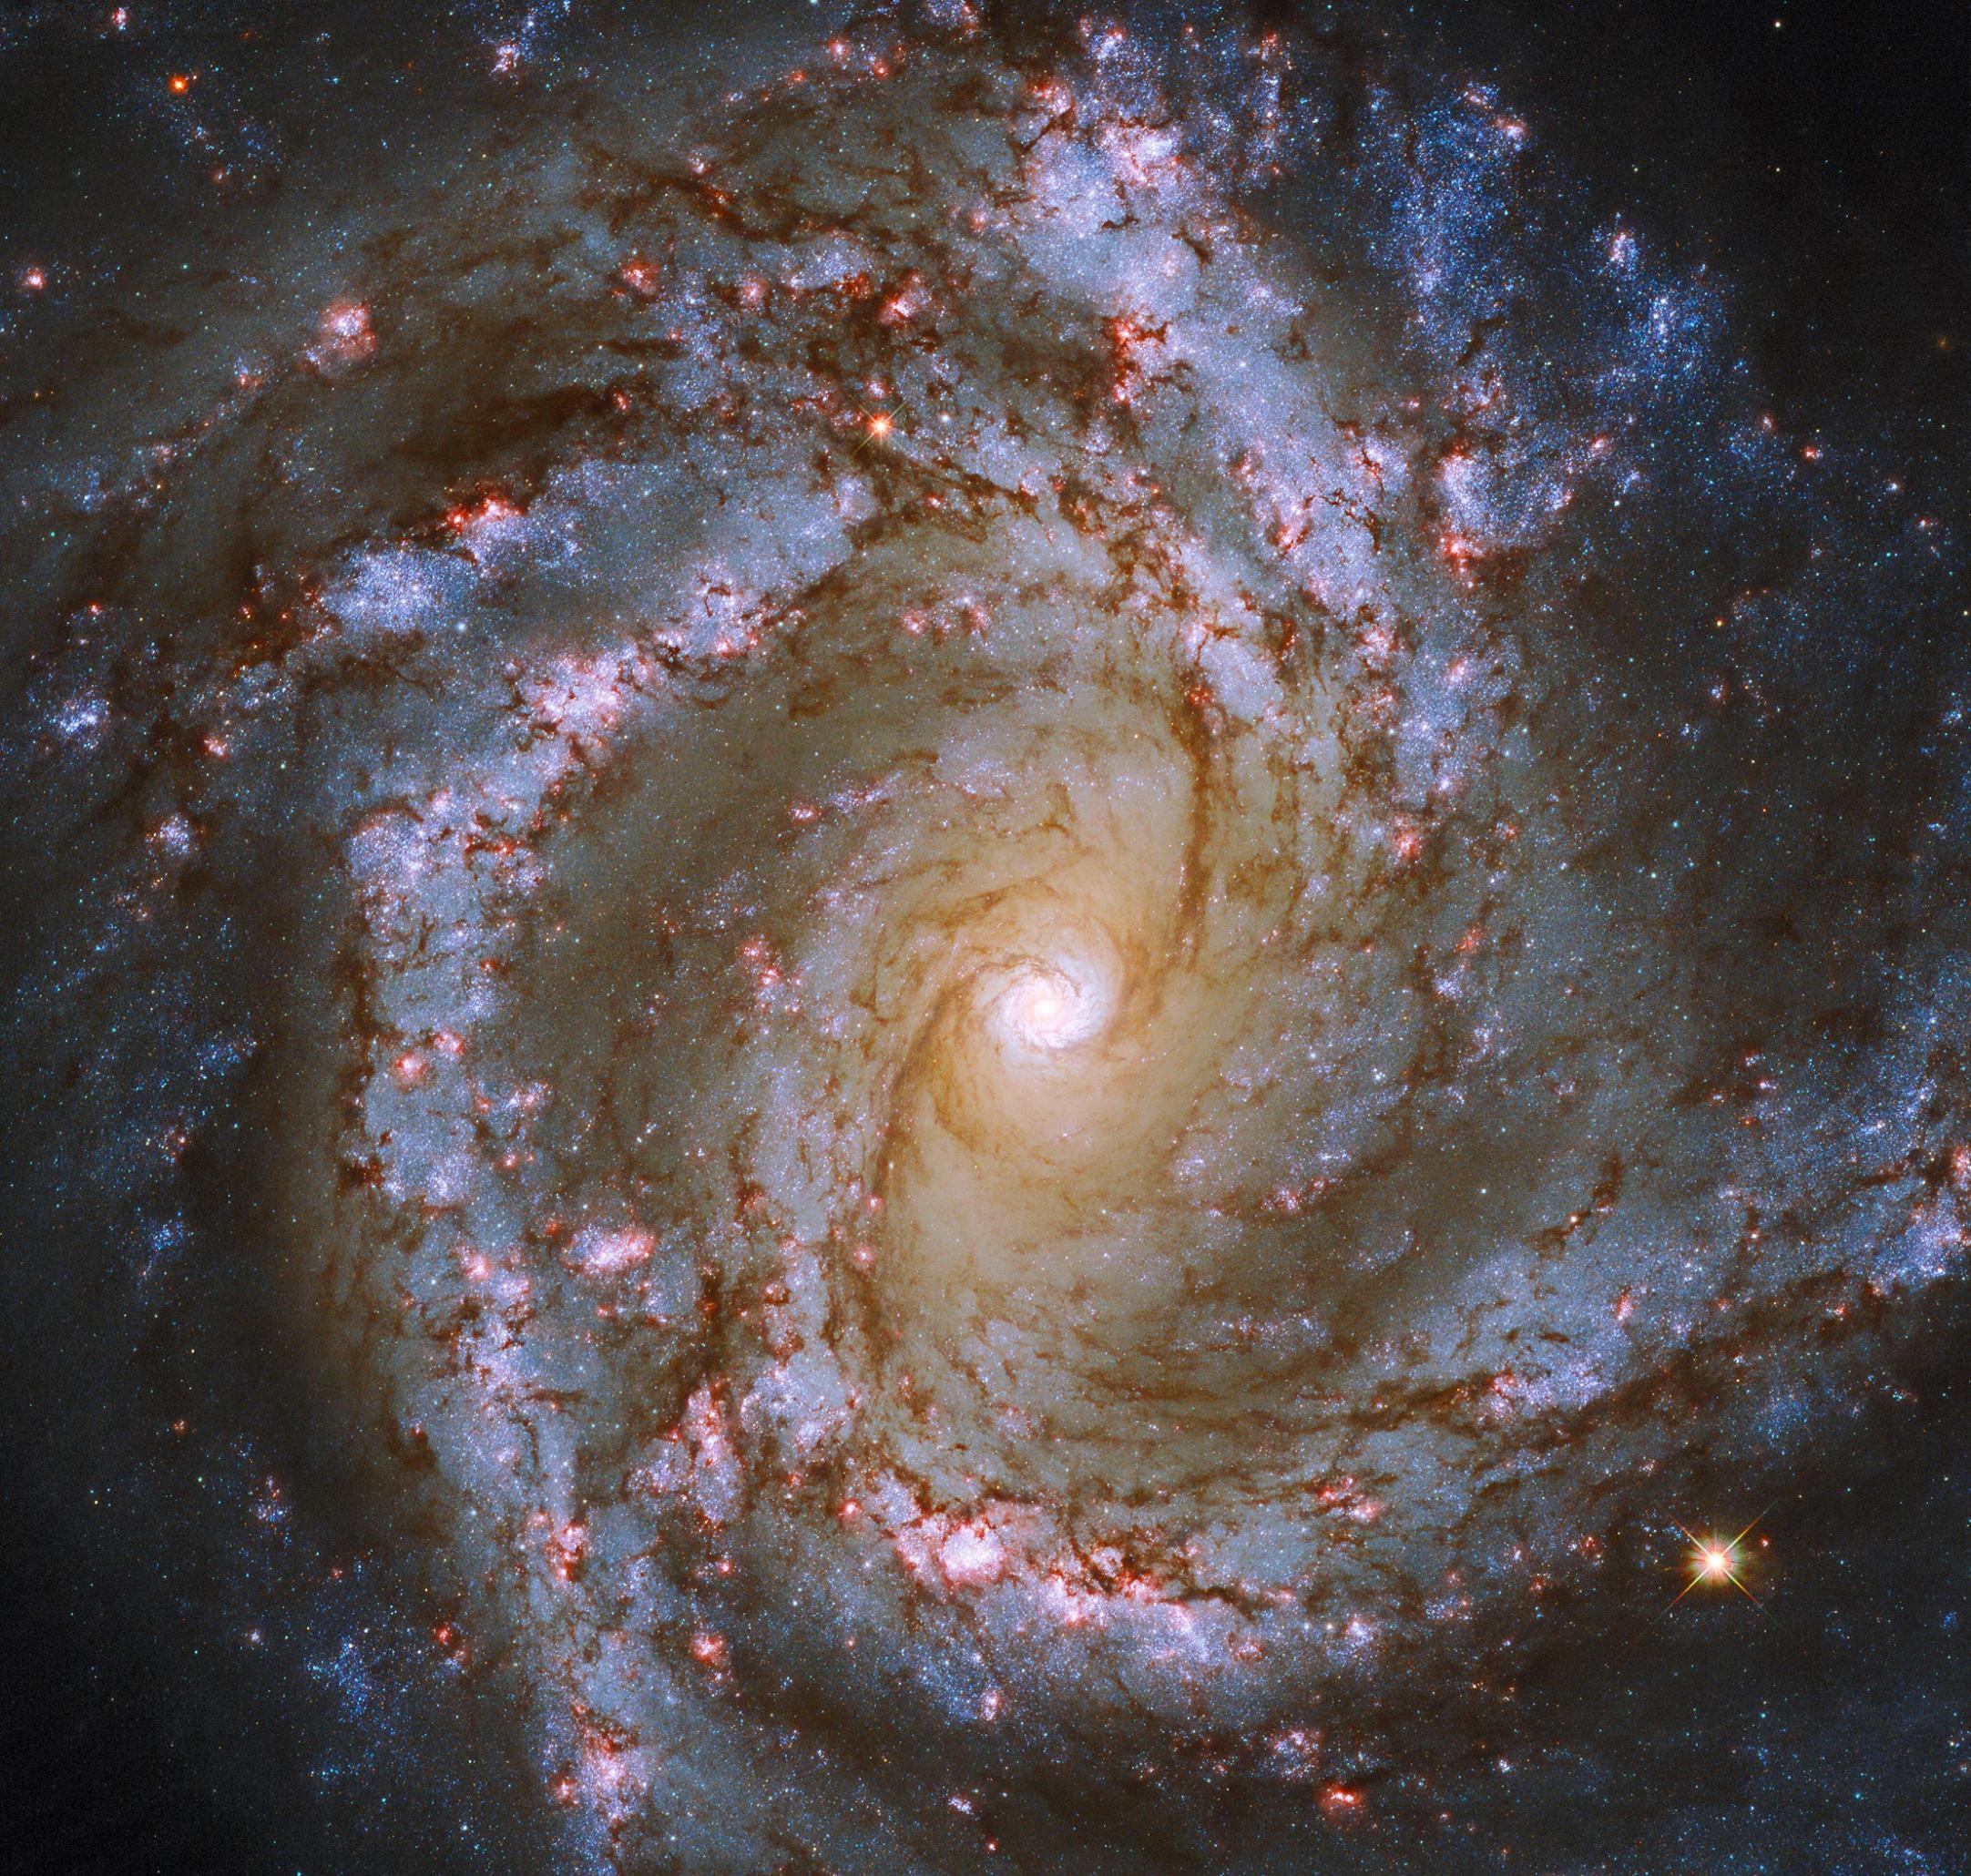 """哈勃望远镜在M61星系发现壮观的带有黑暗触须的""""发光心脏 """""""